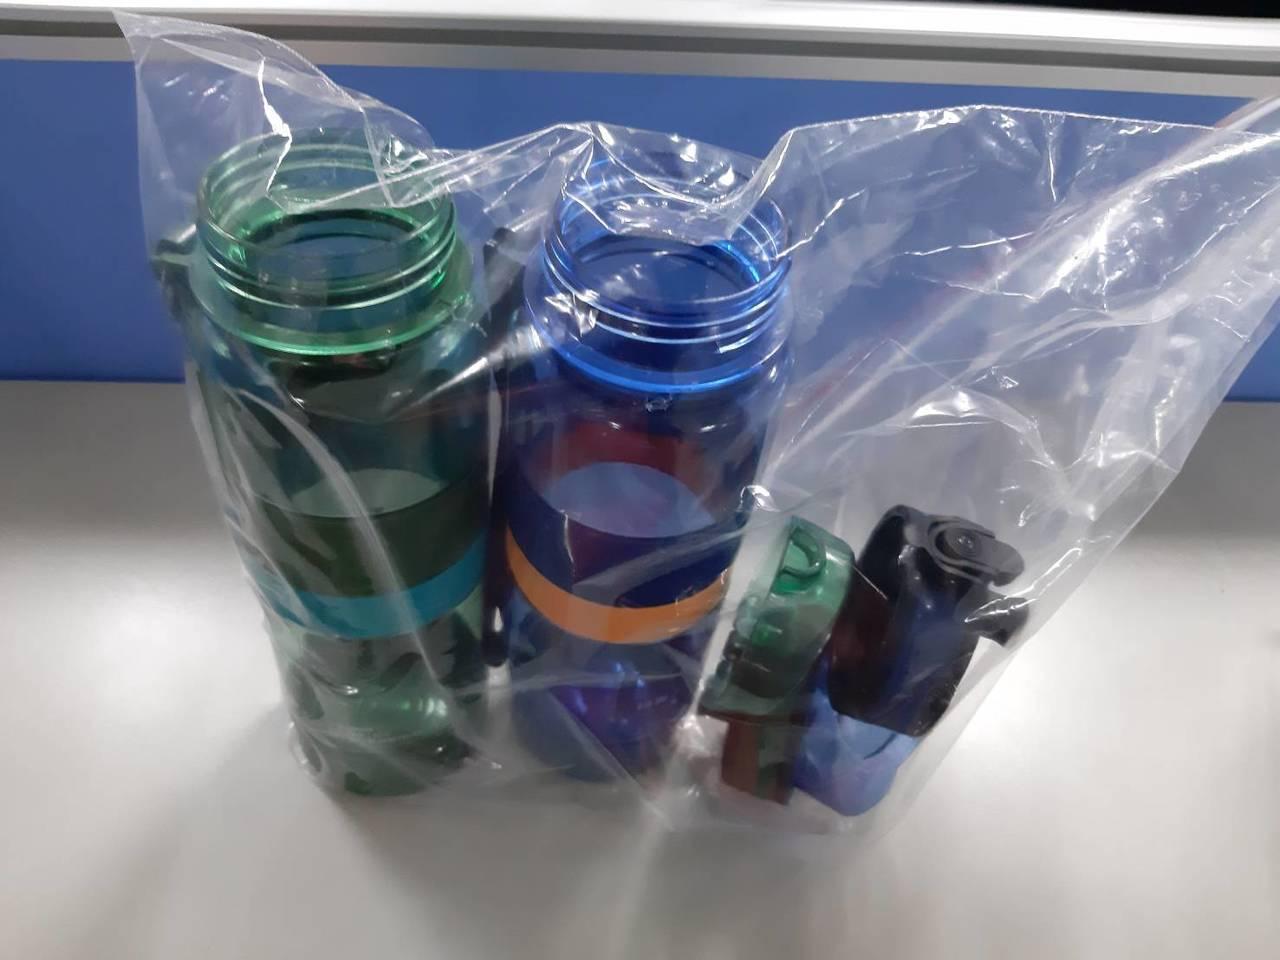 警方將洗碗精、水壺等相關證物送驗。記者林昭彰/翻攝